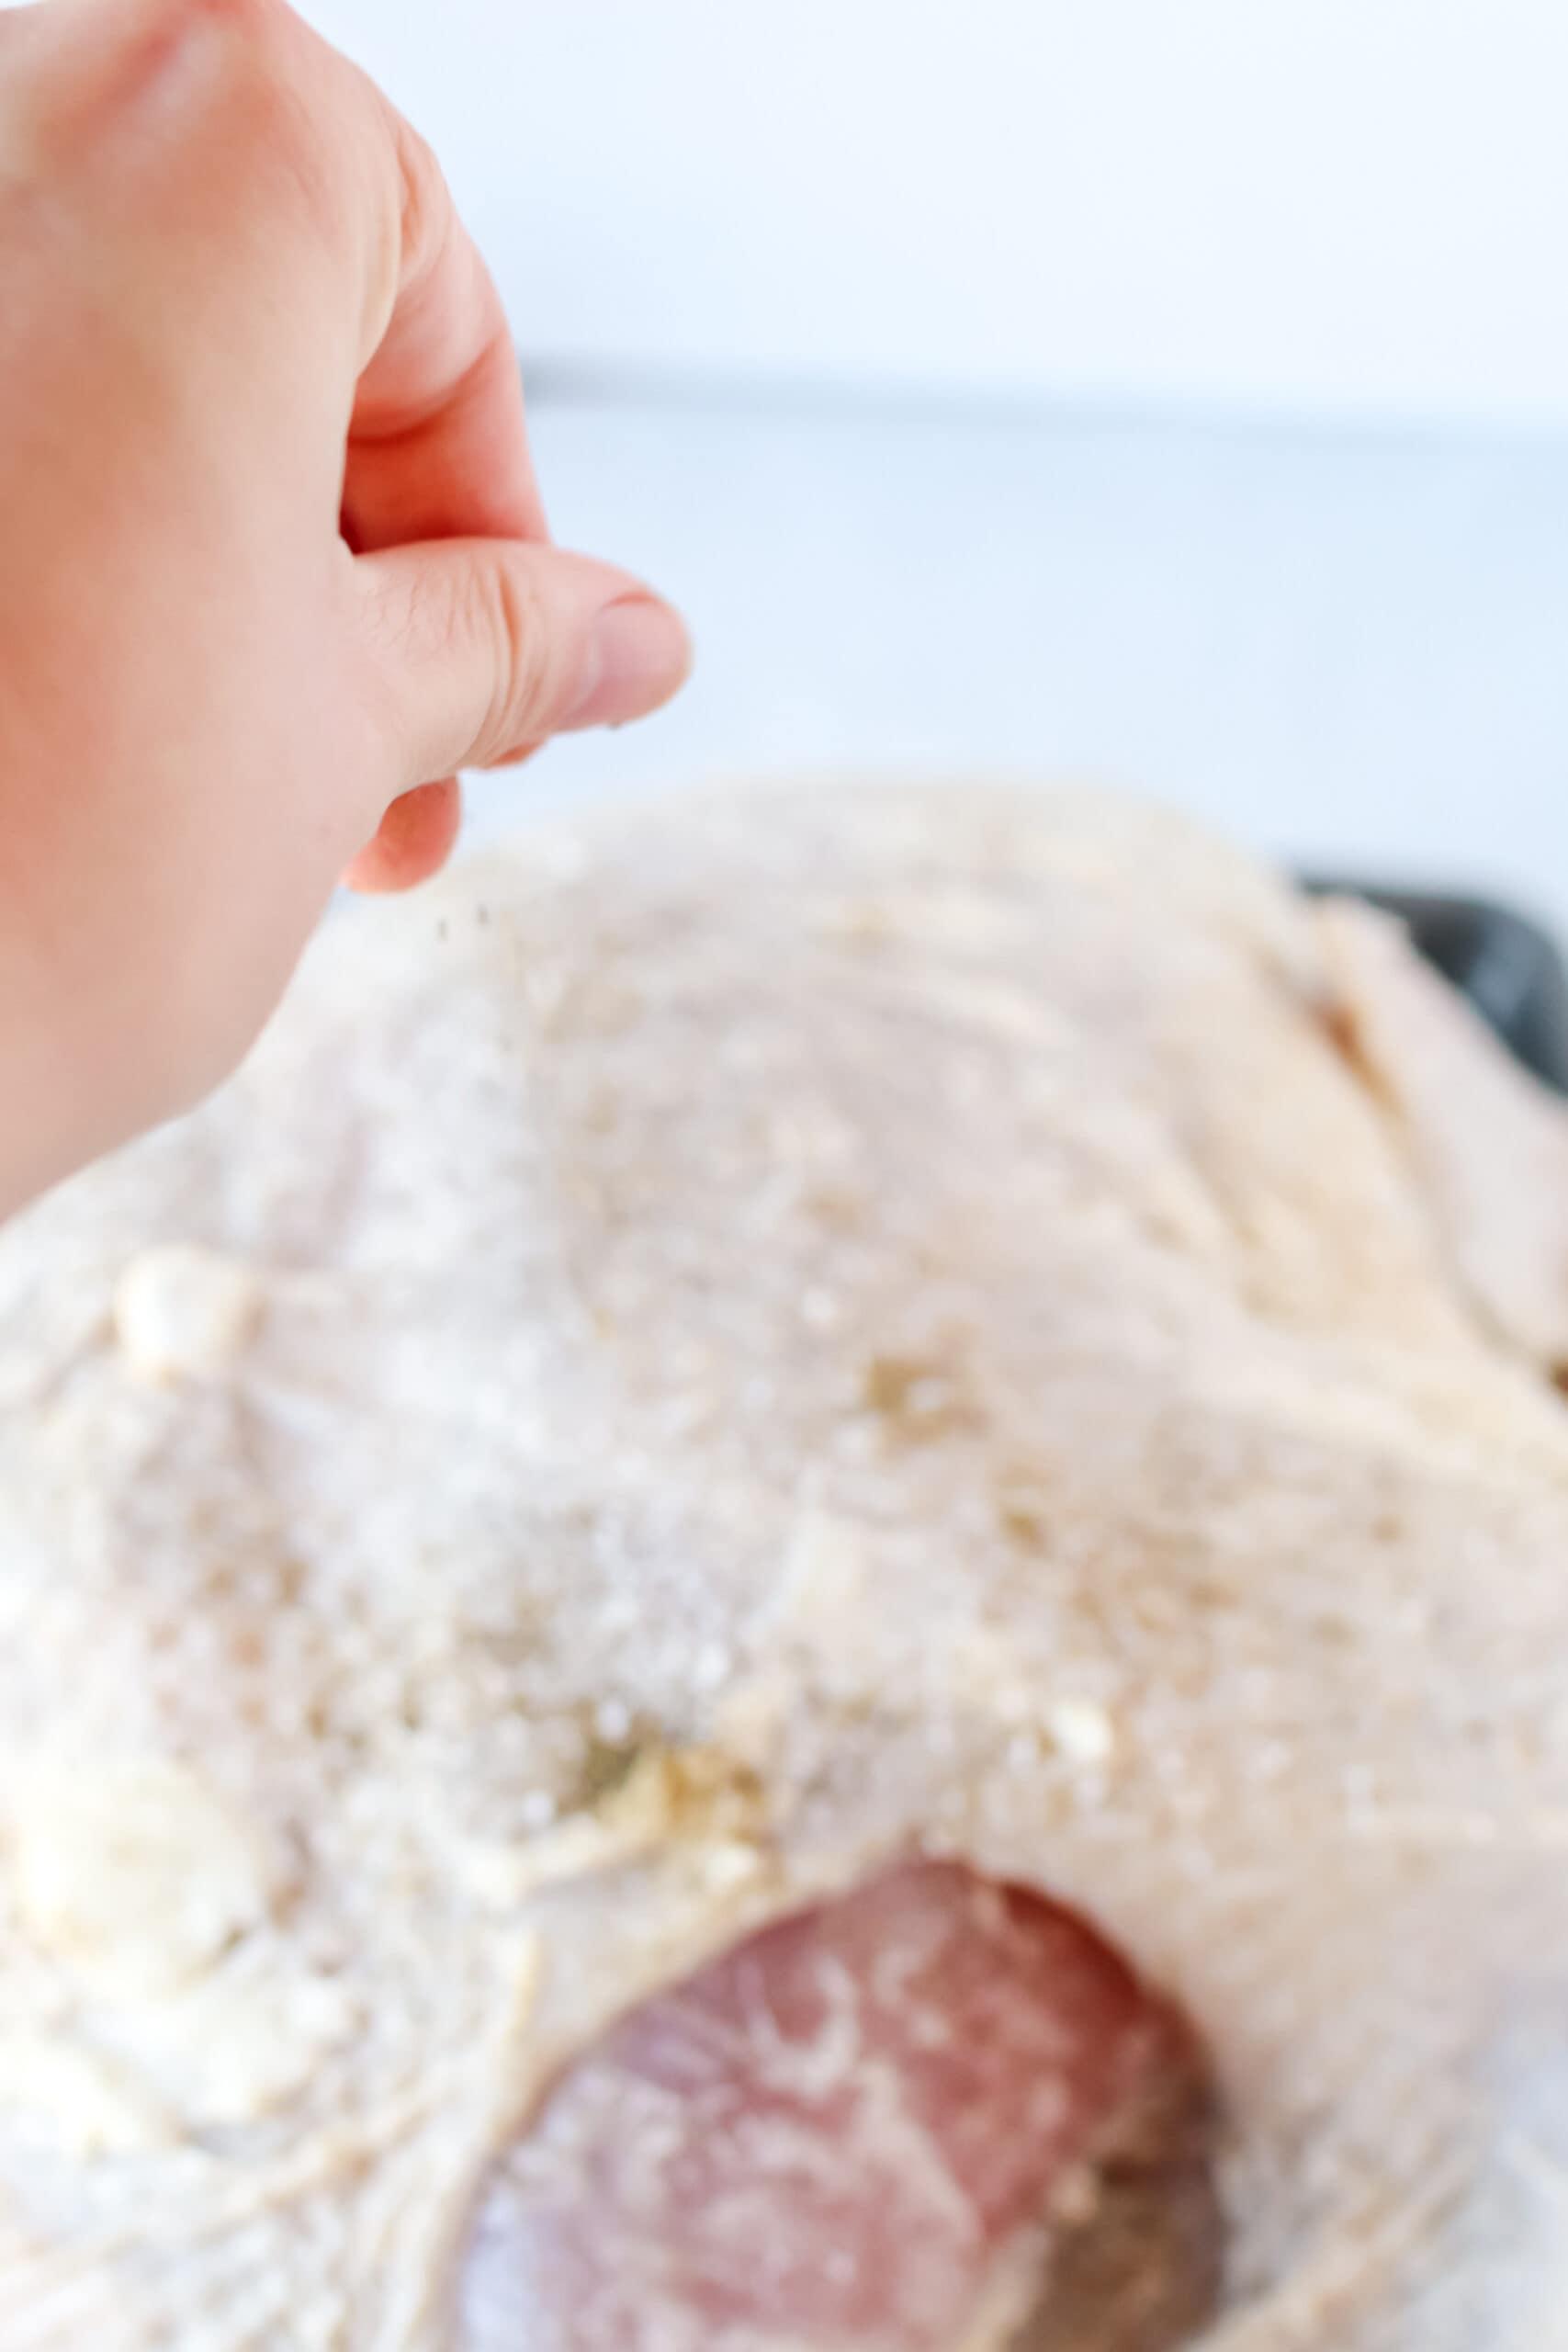 hand adding salt to turkey